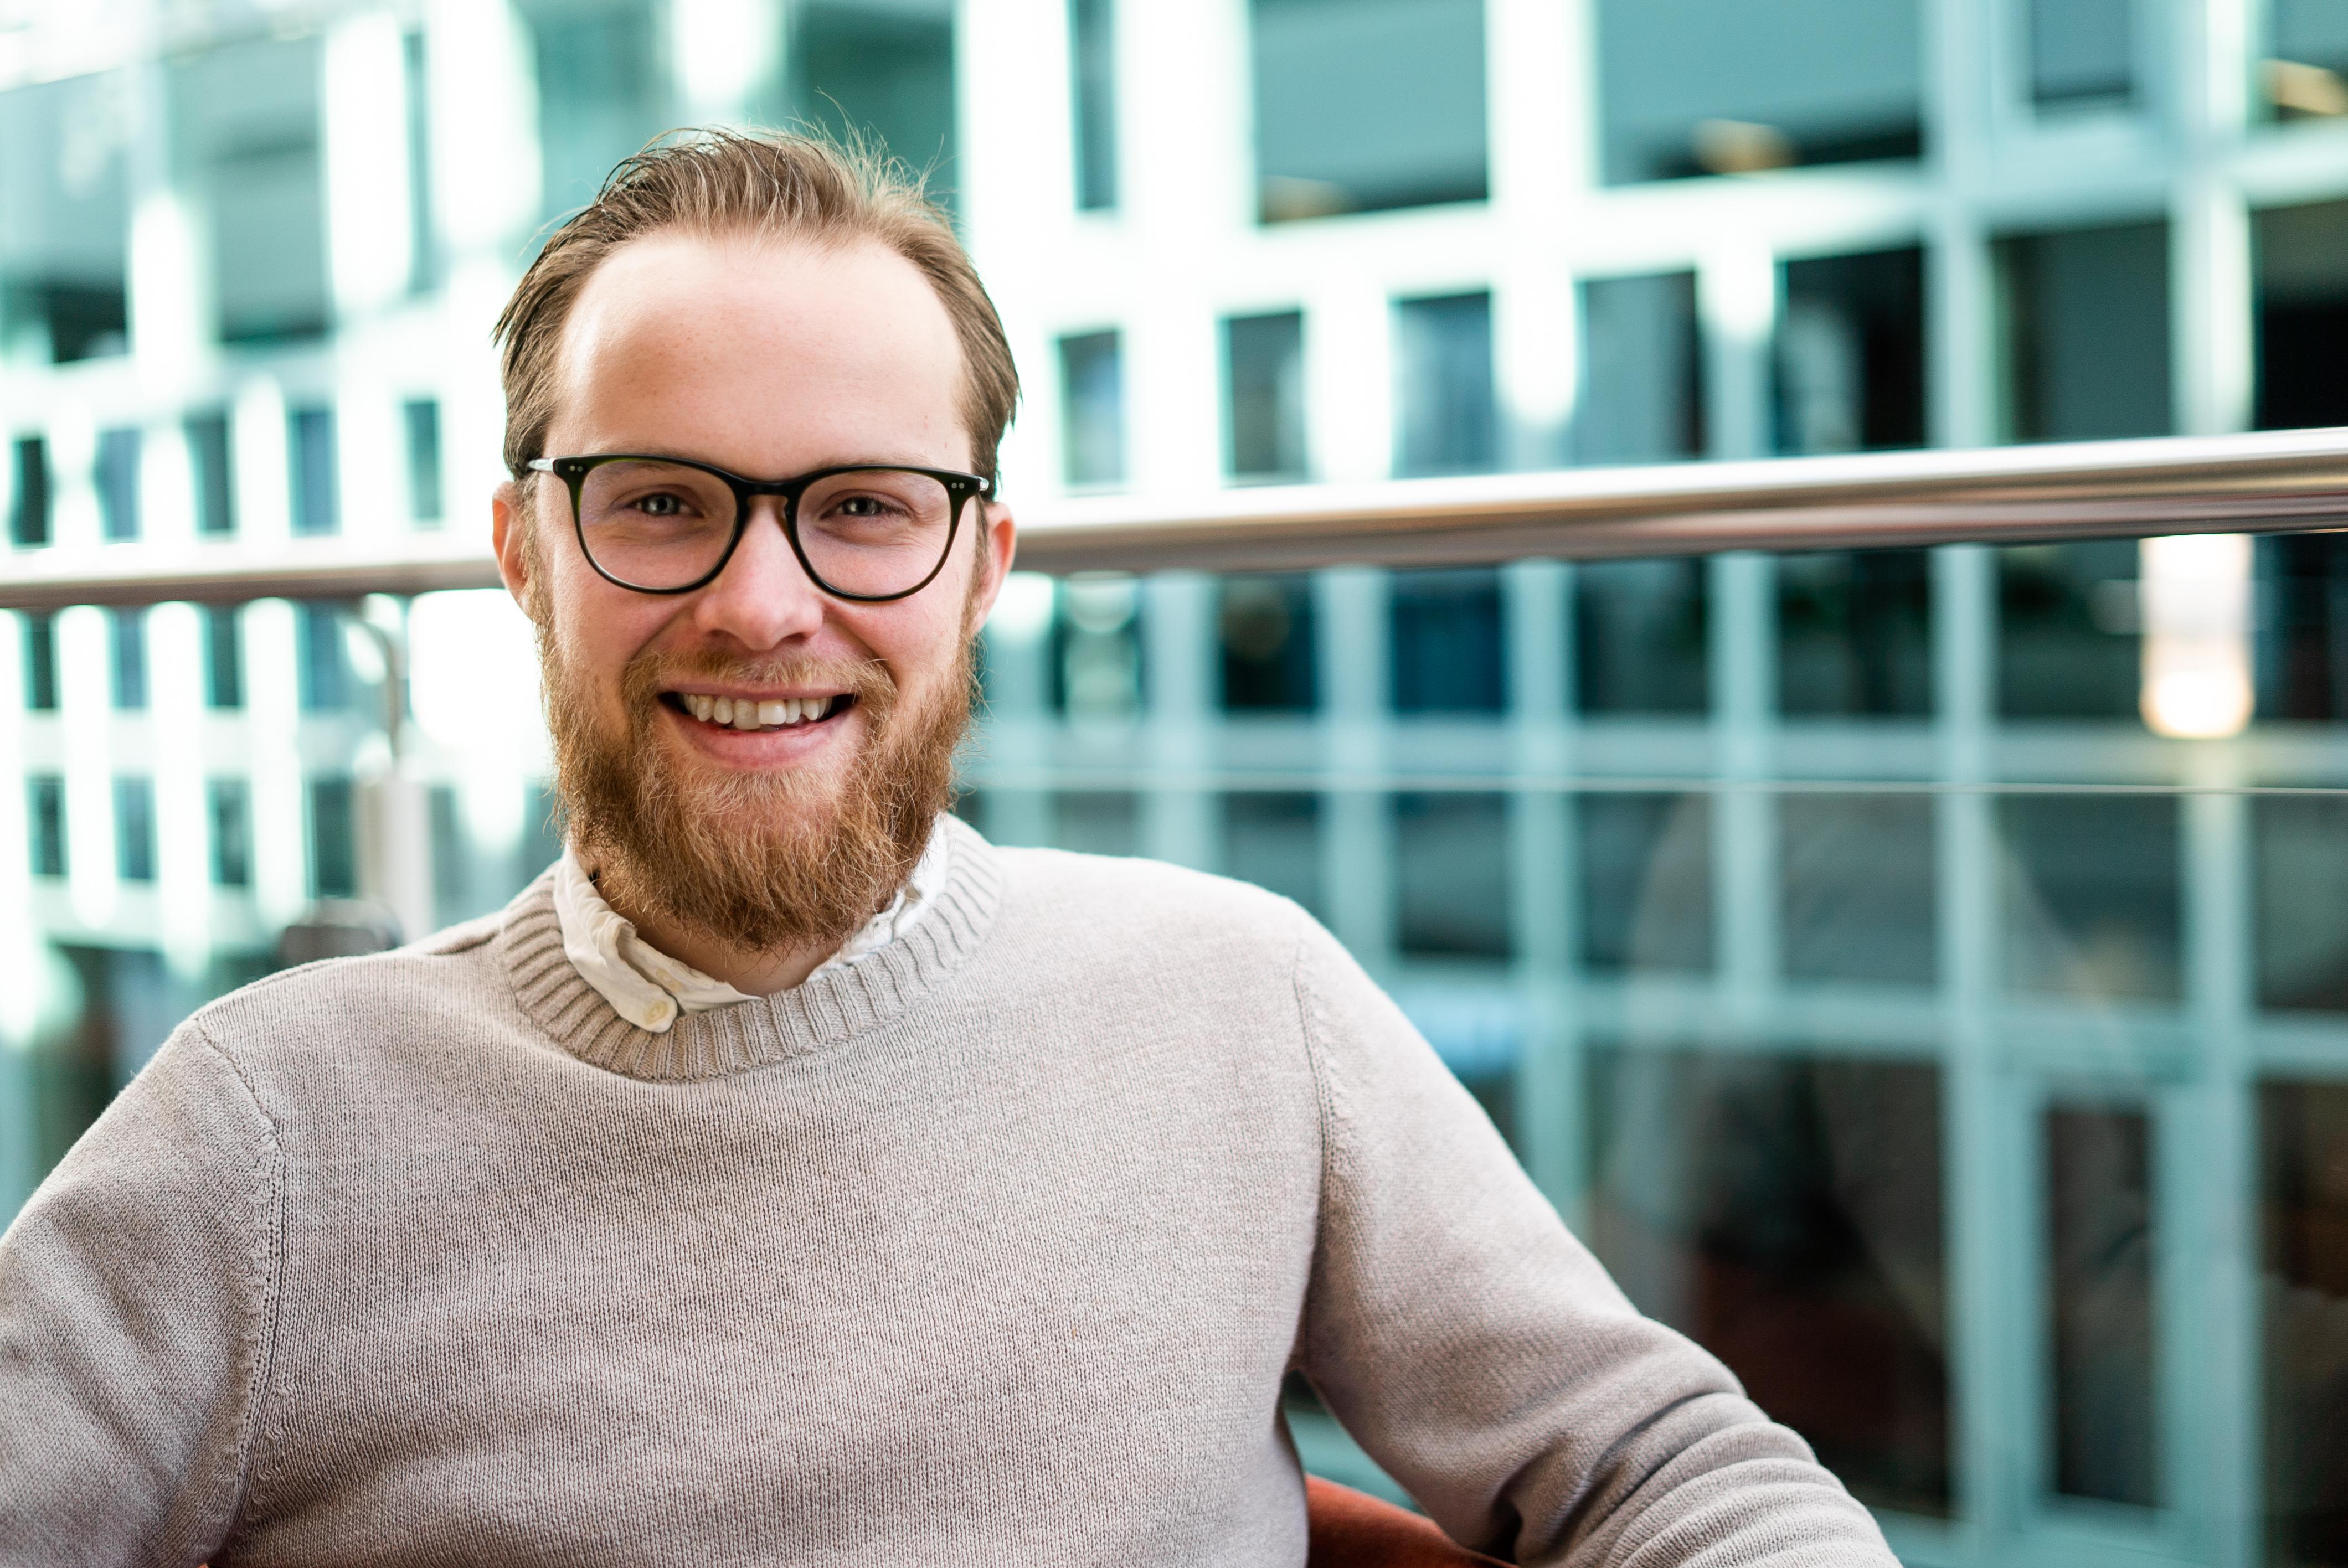 Petter Larsen - founder of Petterdigital.com